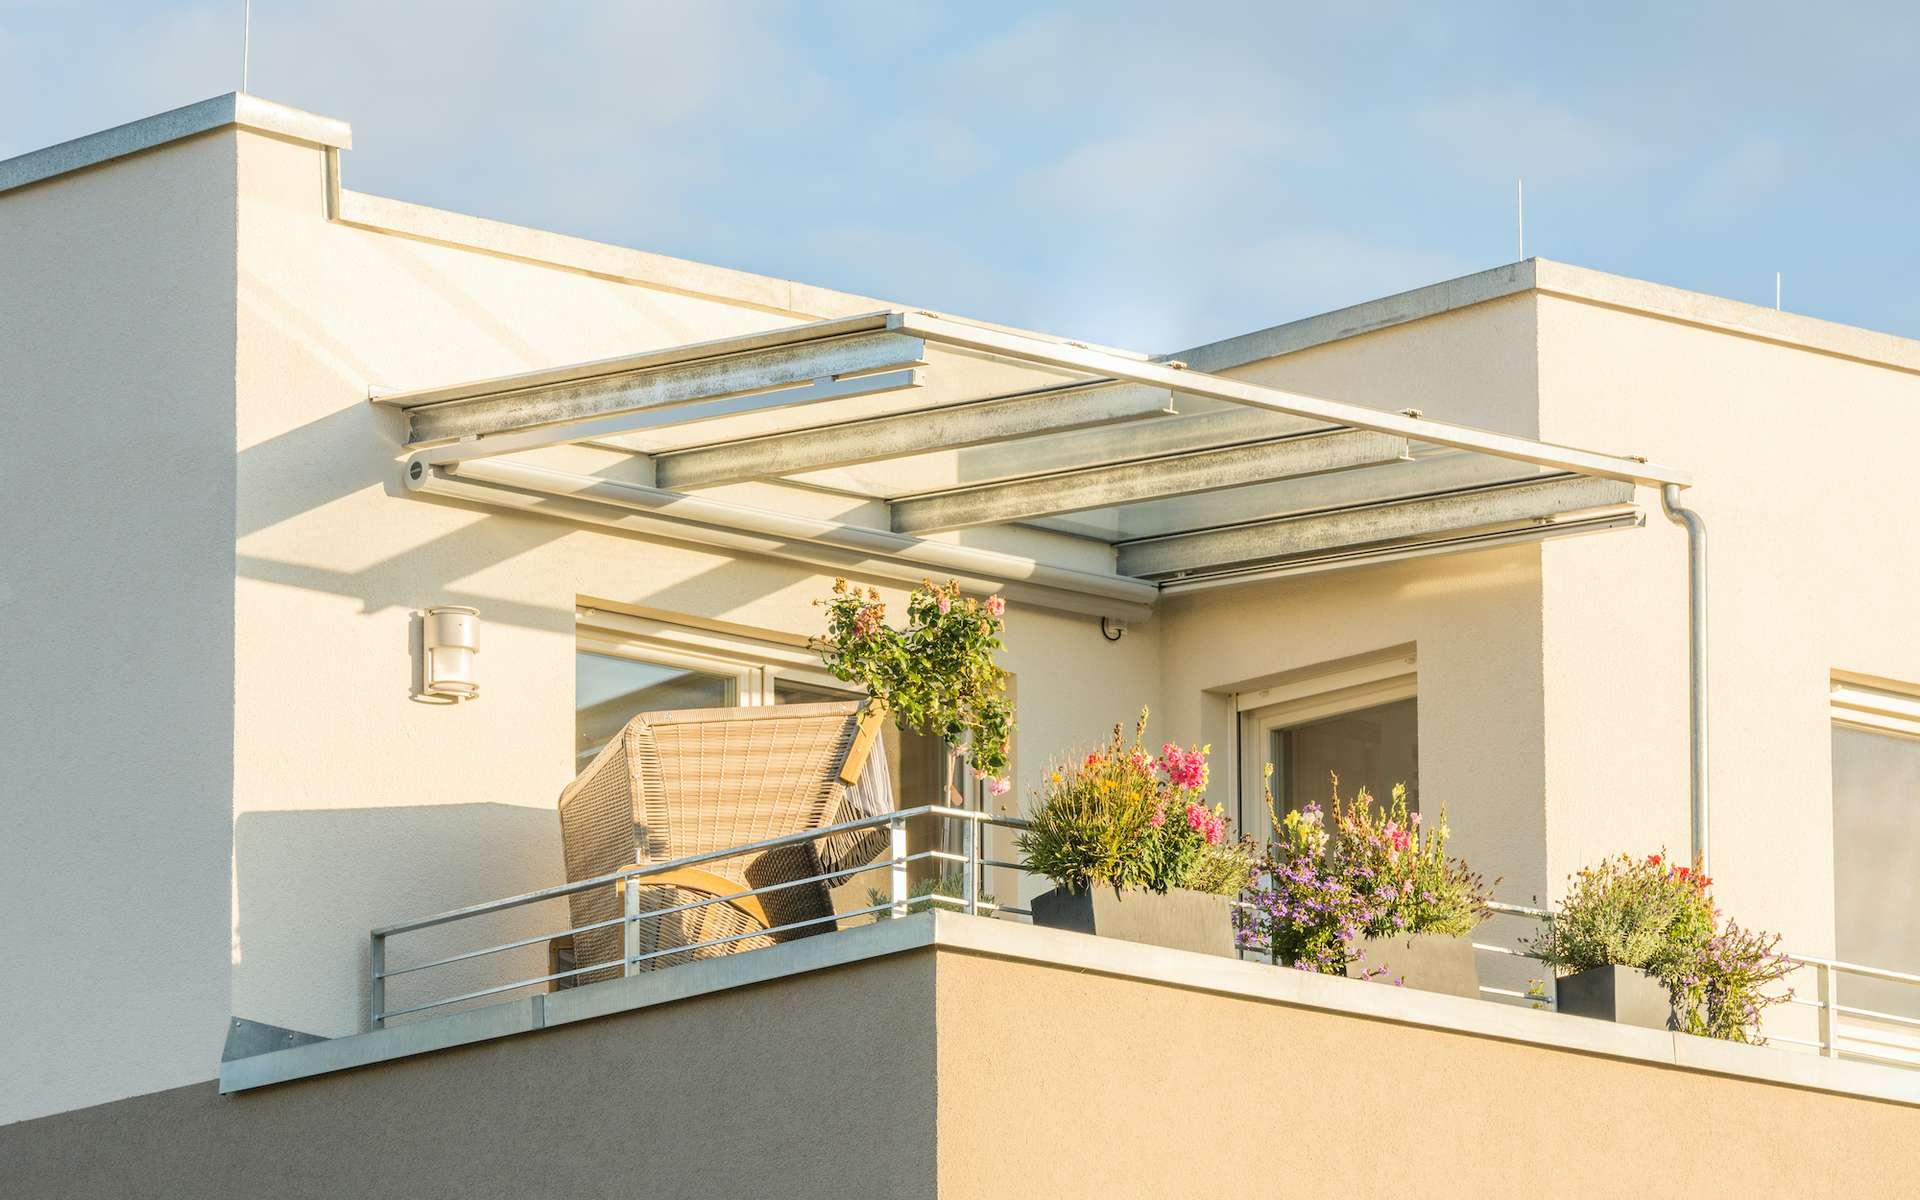 Le balcon est une extension du bâtiment, tandis que la terrasse repose sur une surface. © schulzfoto, Adobe Stock